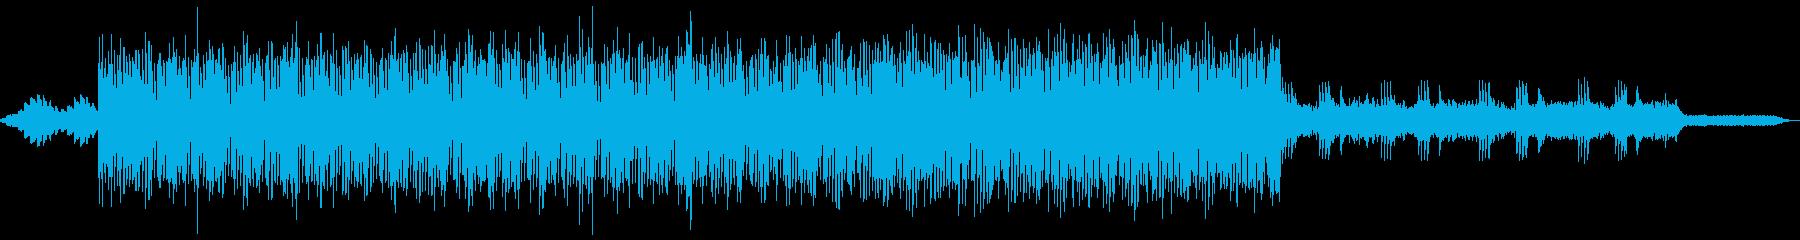 アンビエント系ピアノエレクトロの再生済みの波形